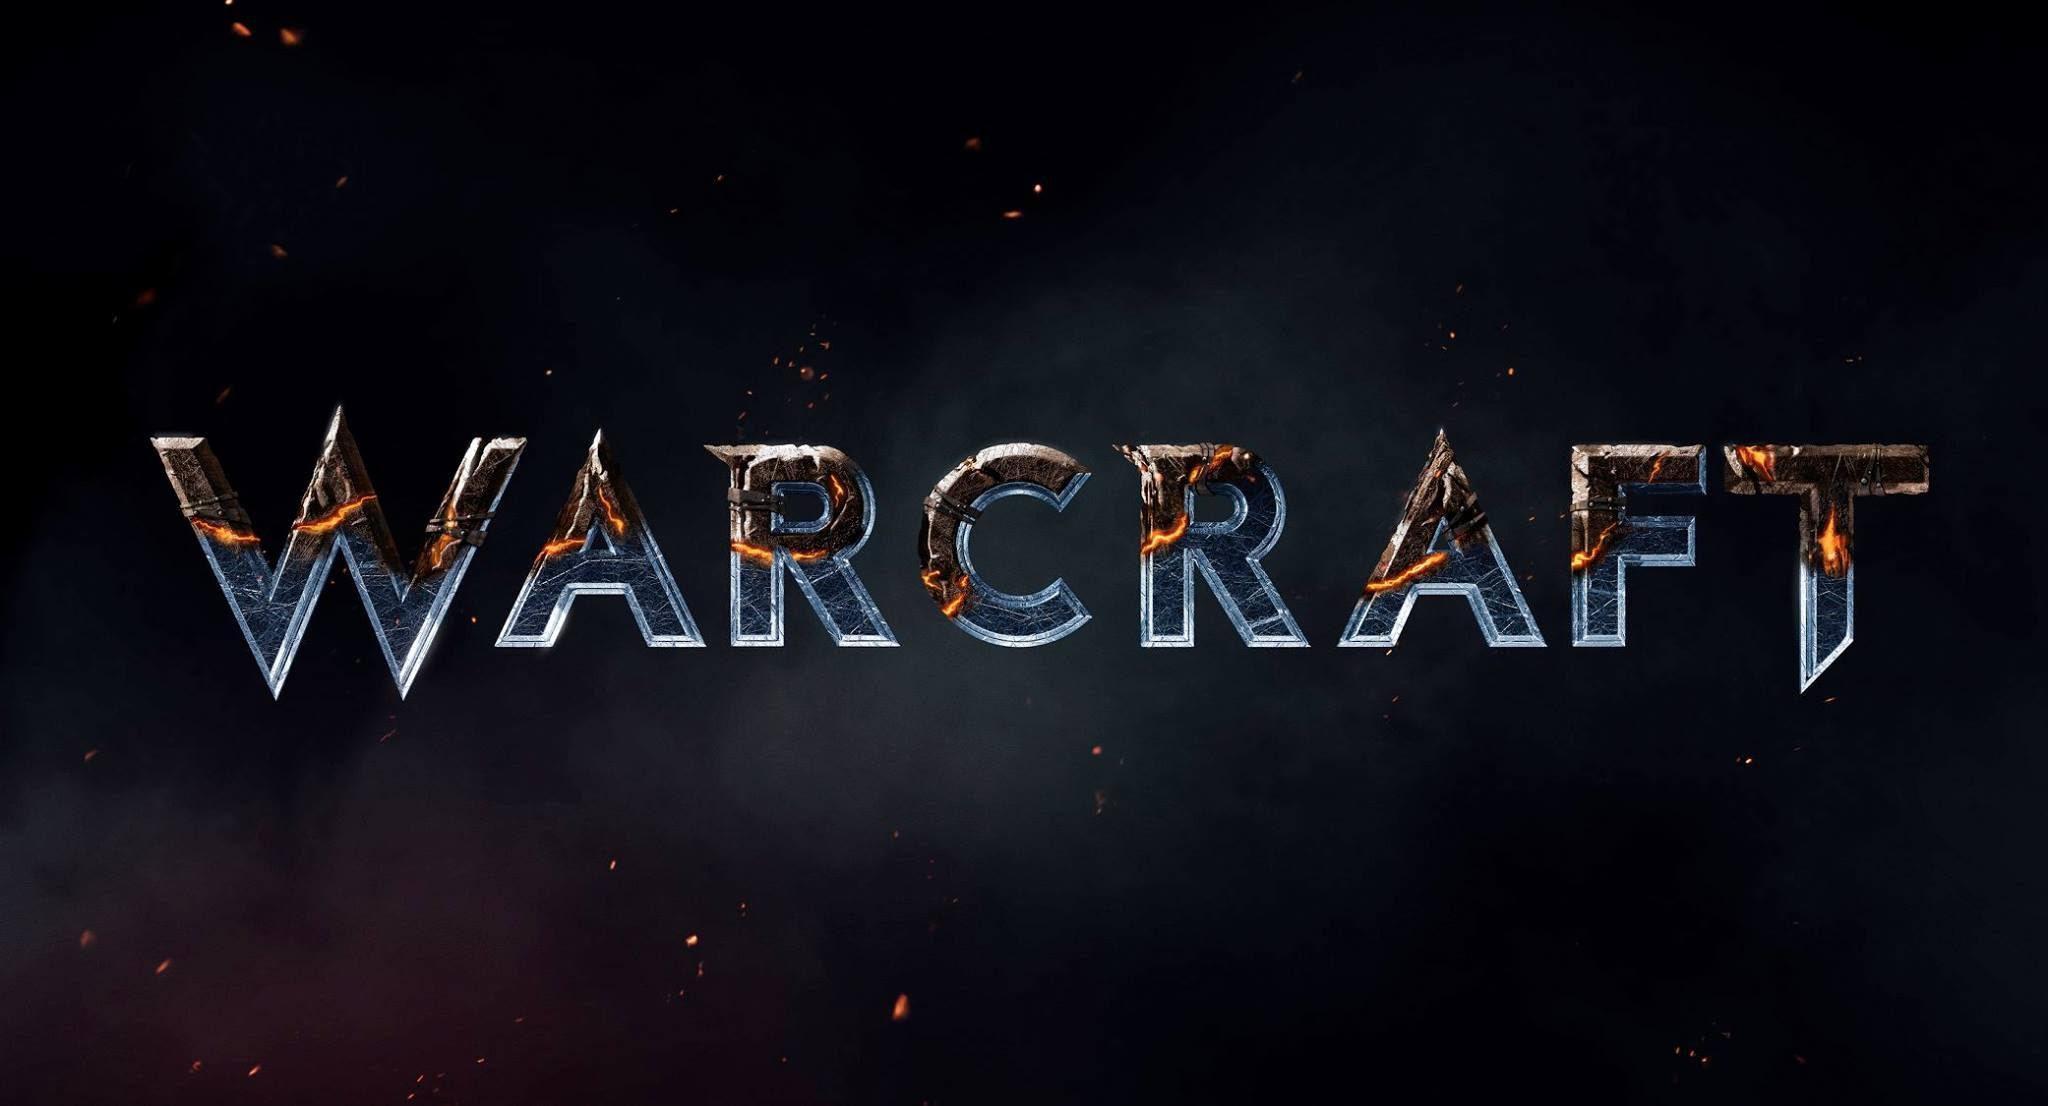 WarCraft - Mãn nhãn và trung thành với nguyên tác - Ảnh 1.